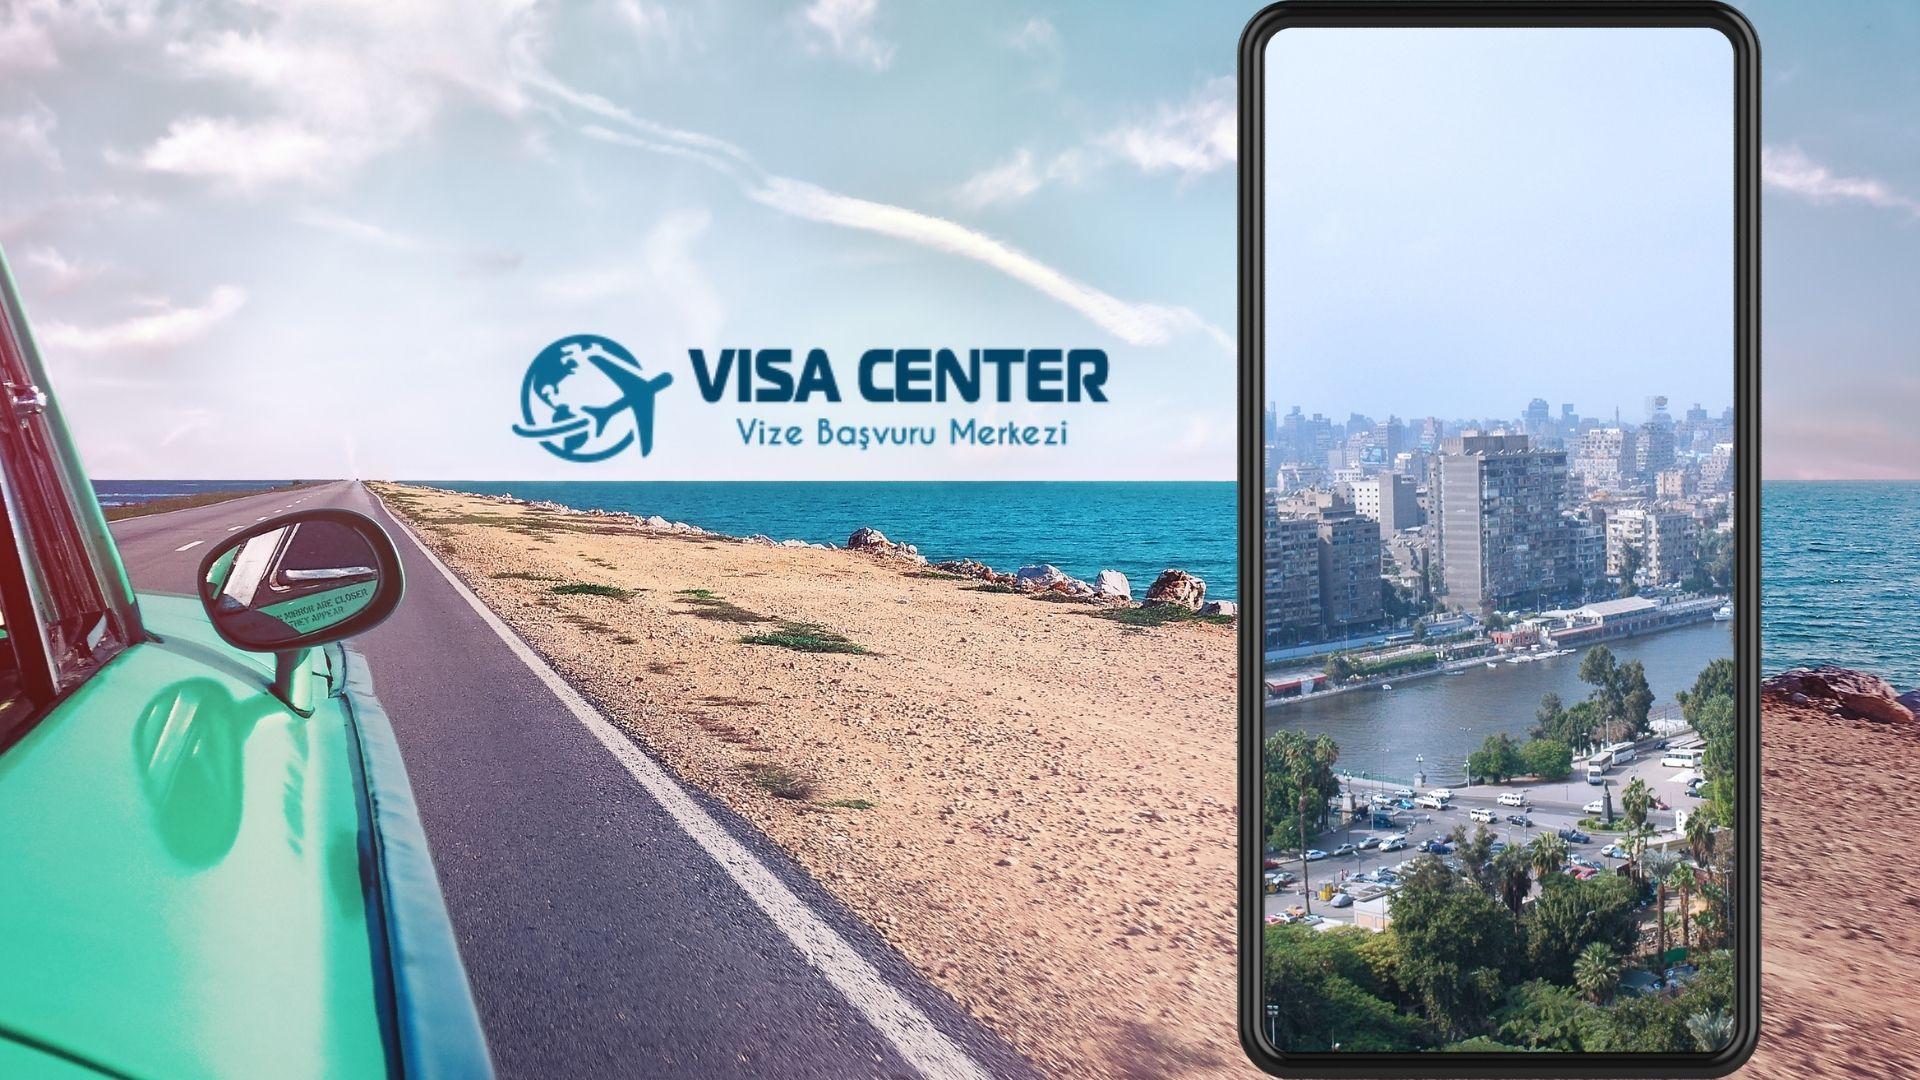 Mısır Vizesi İçin Gerekli Evrak Listesi 2021